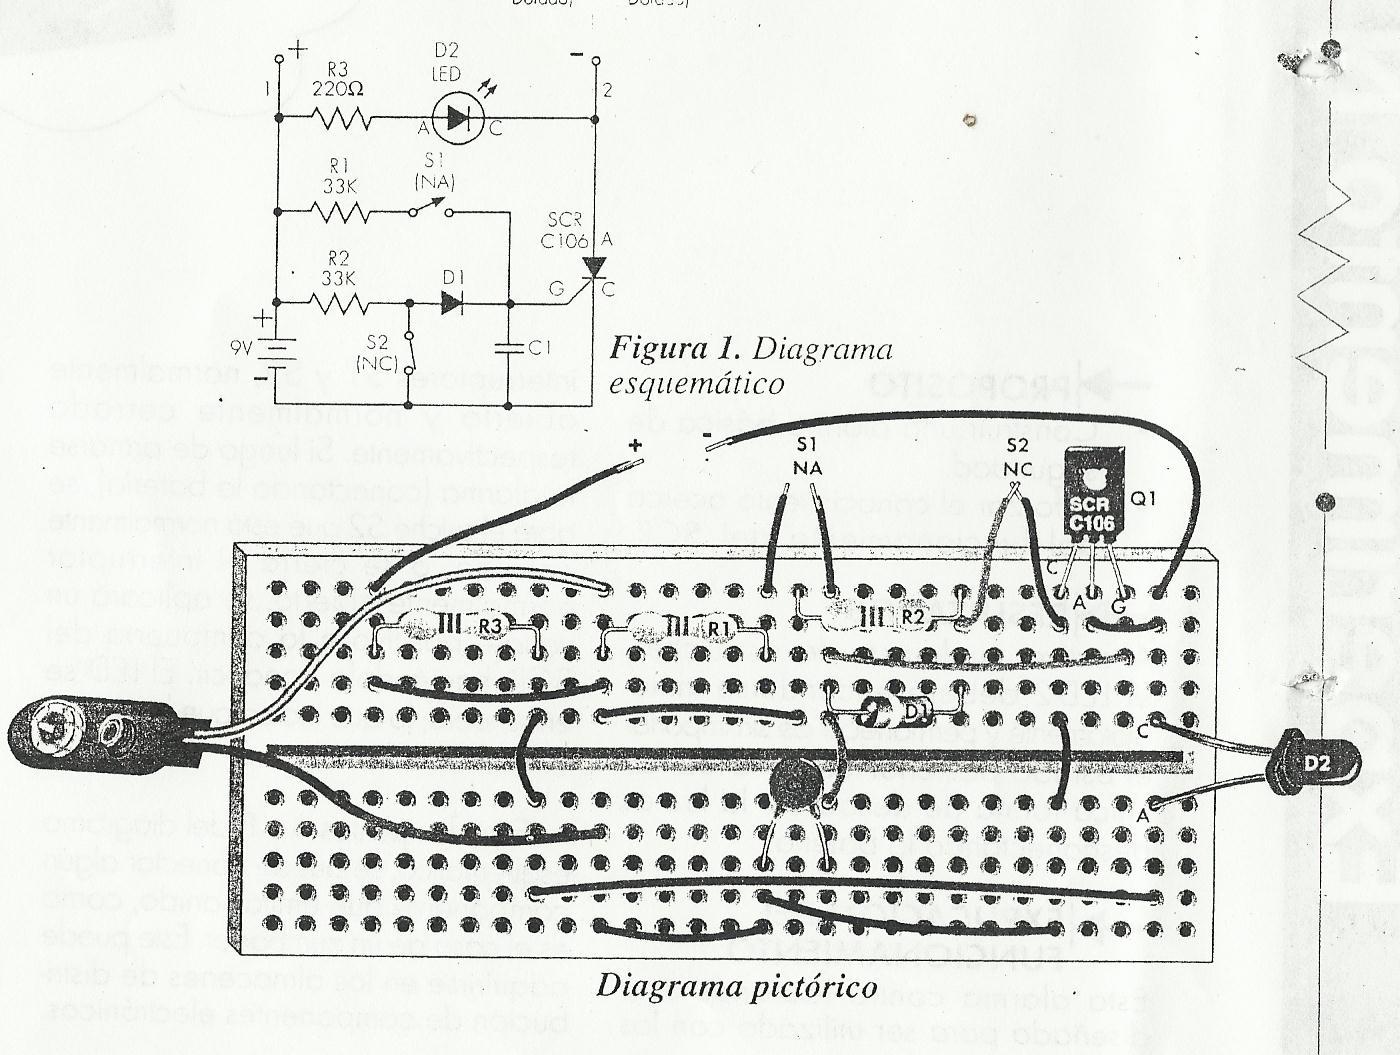 Blog de electrònica: Diagramas electrònicos